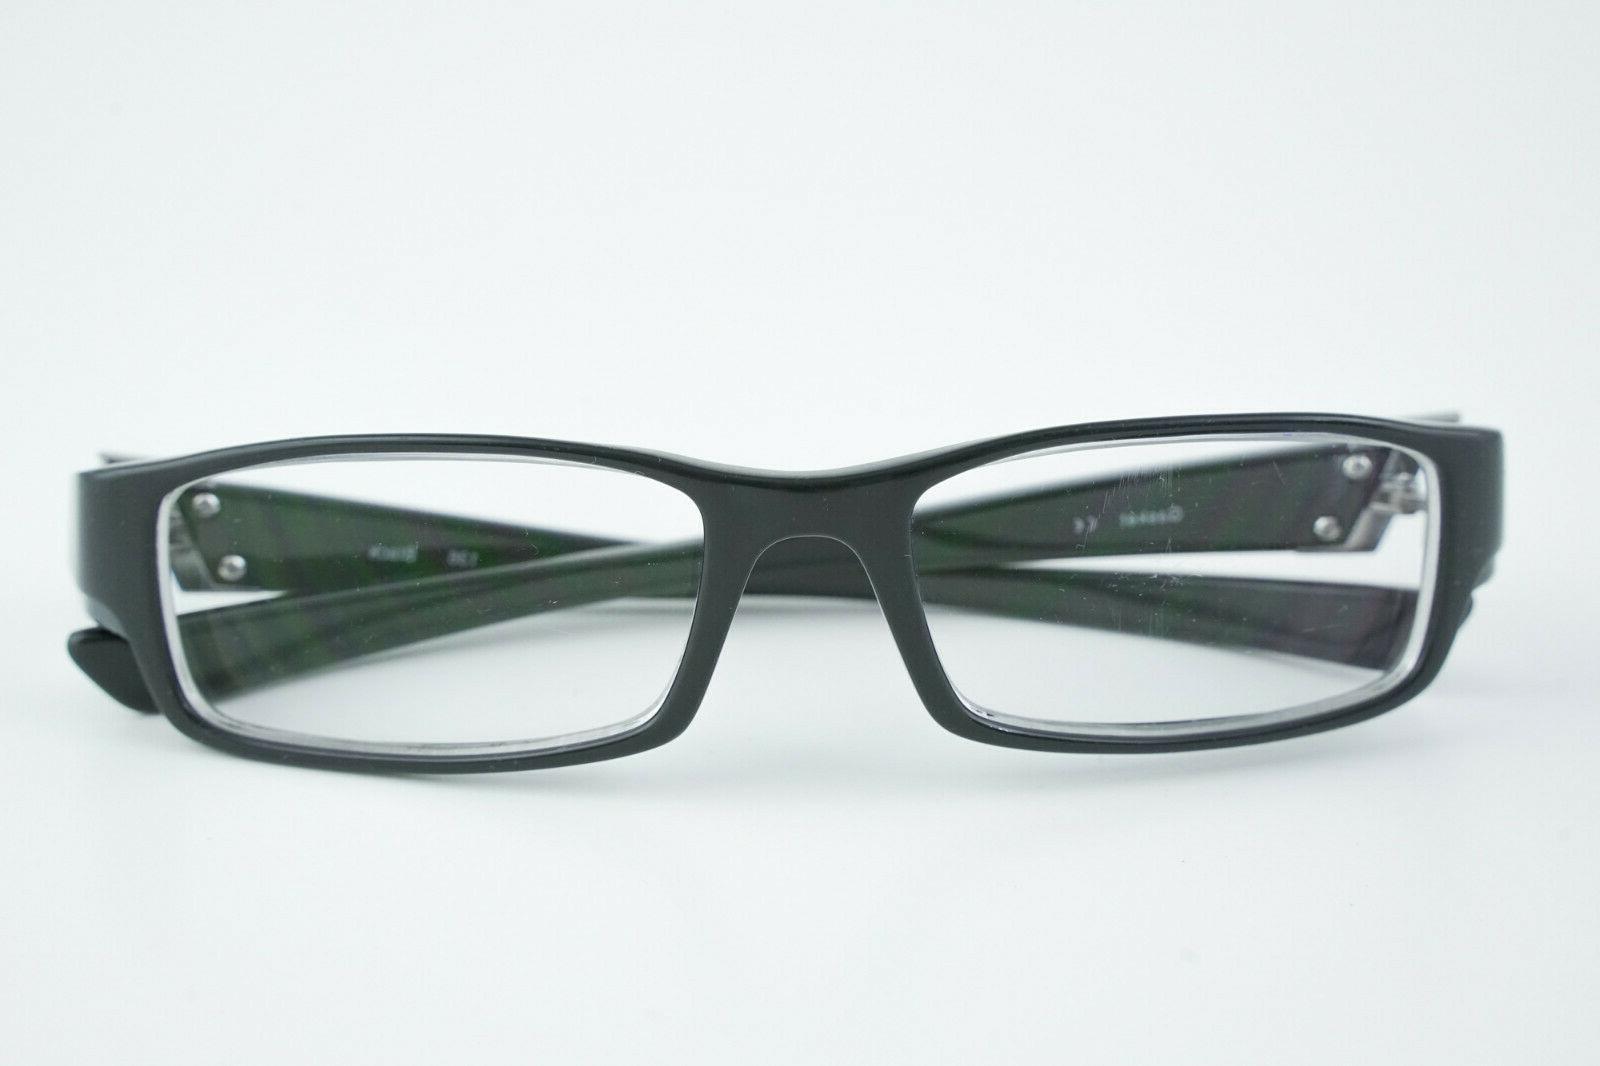 Oakley GASKET Eye 53-18-136 PRESCRIPTION